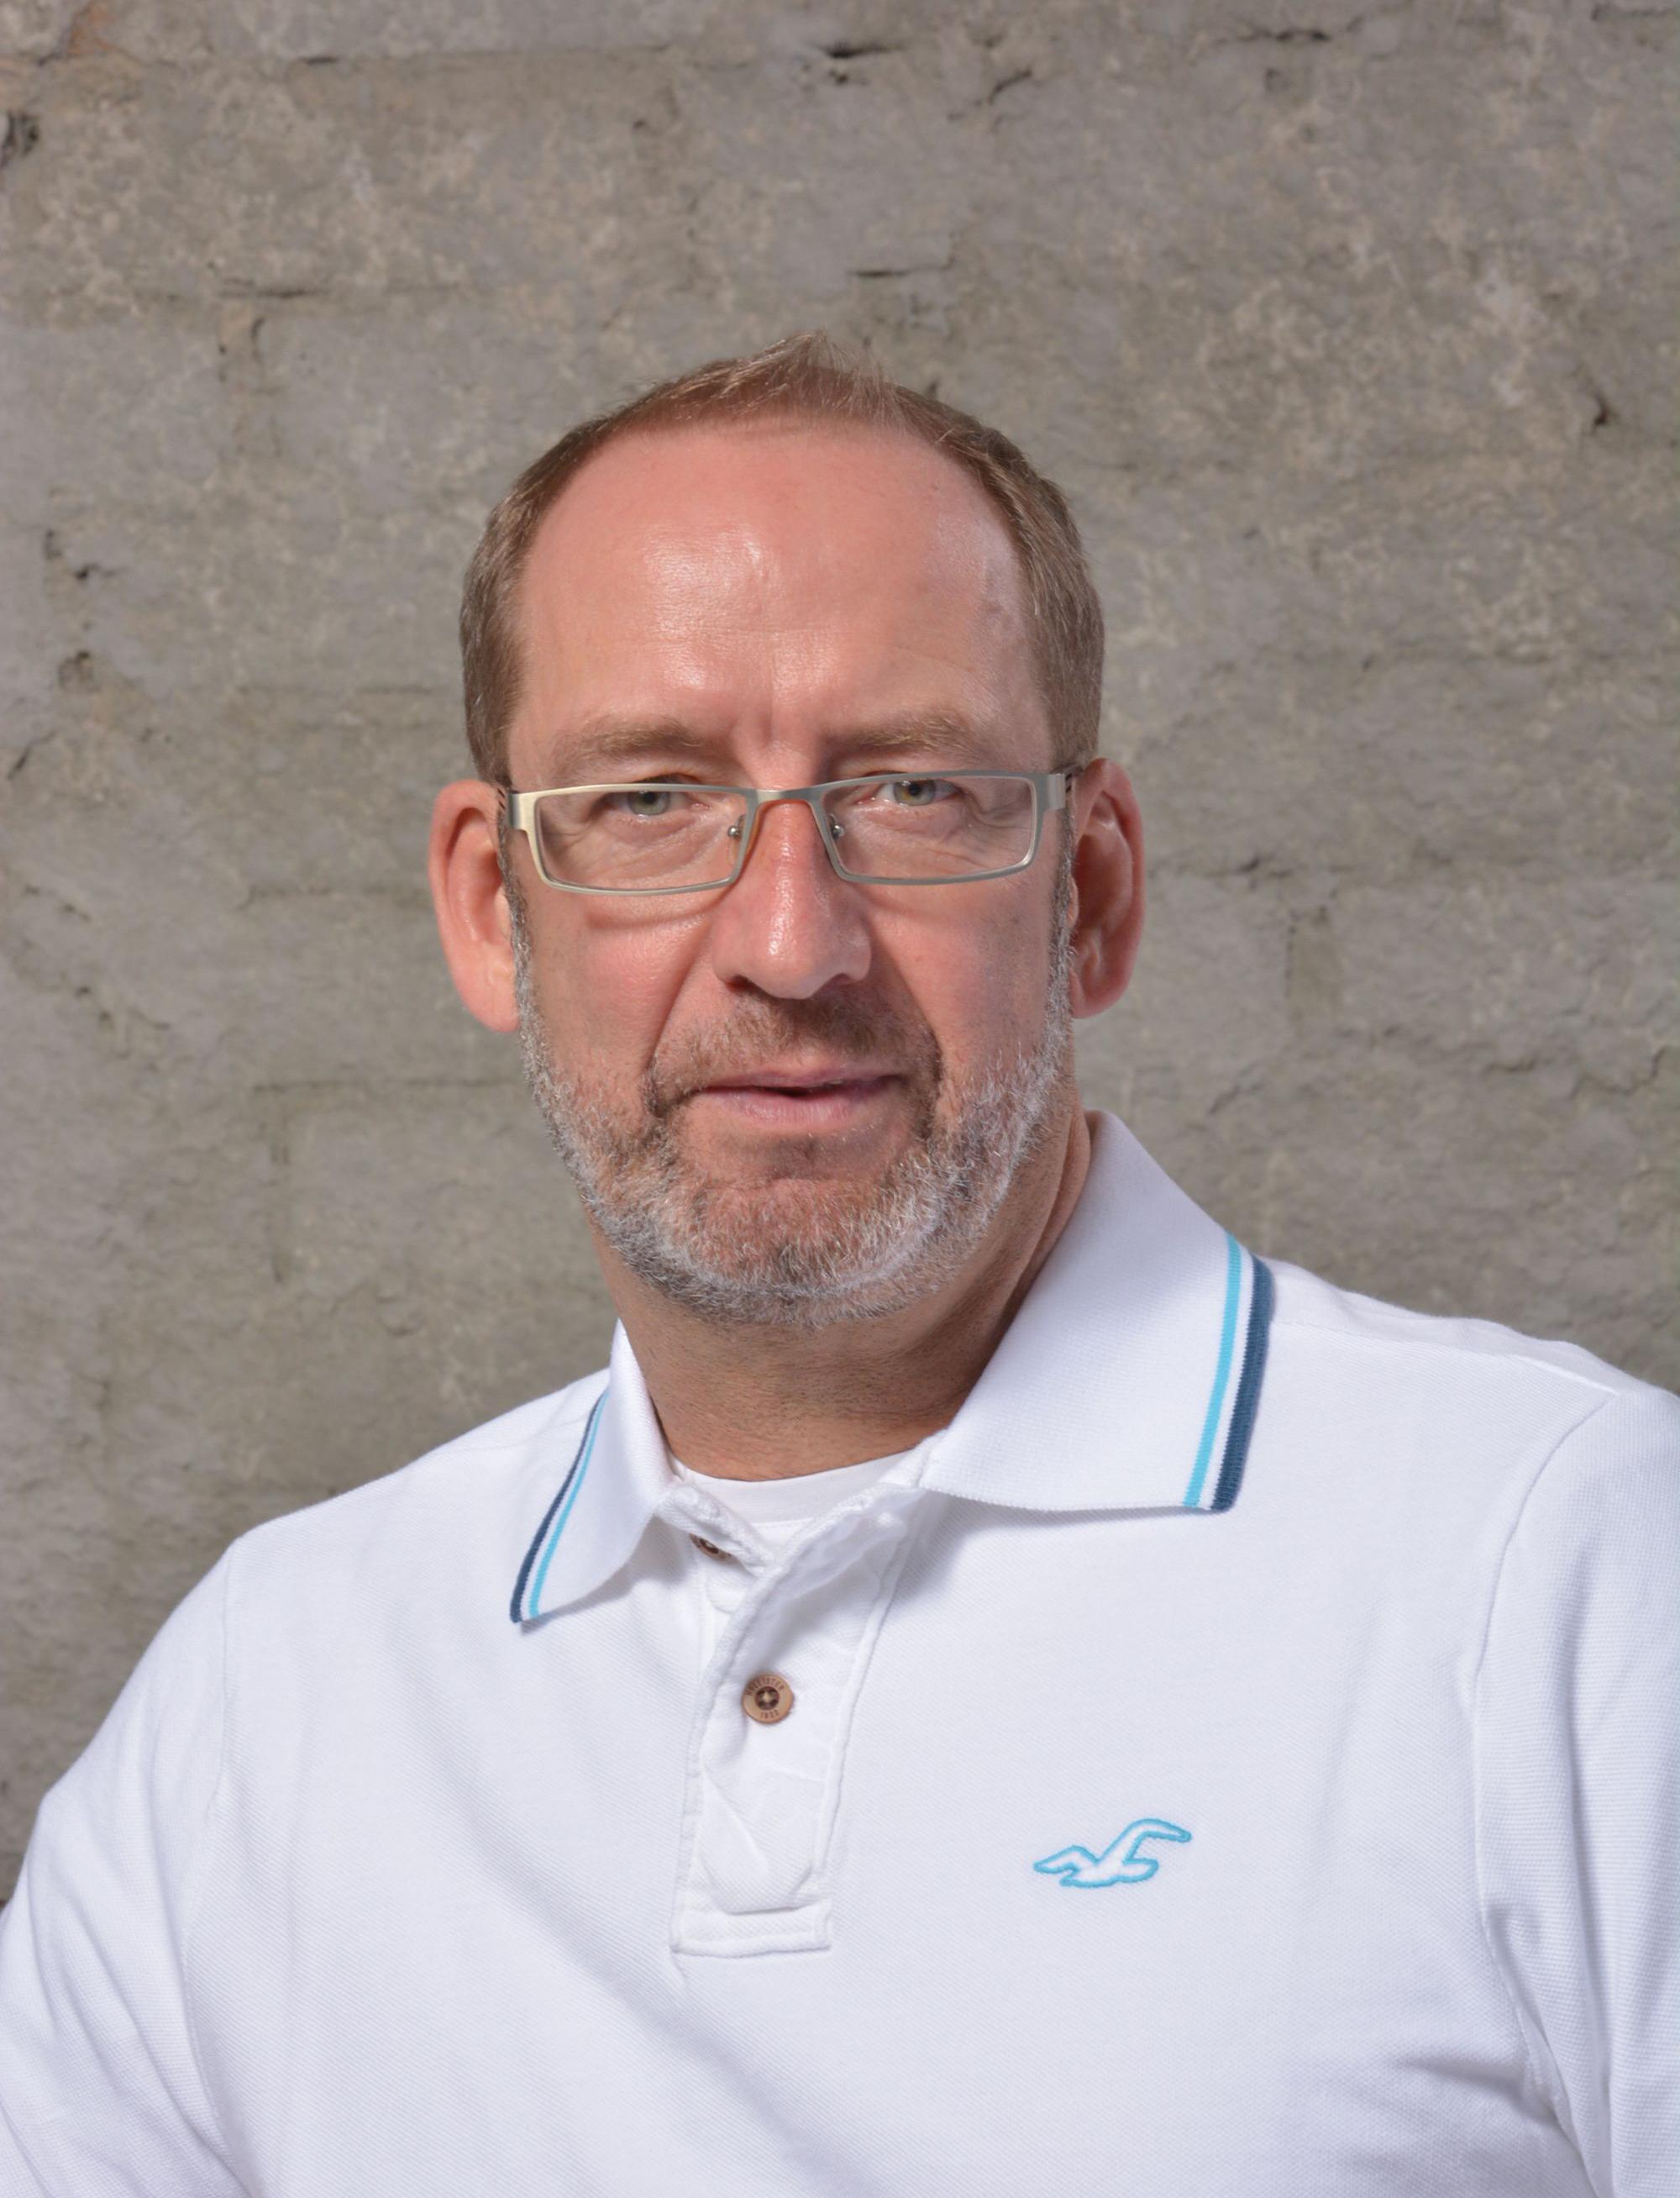 Dr. Ronald Jochens